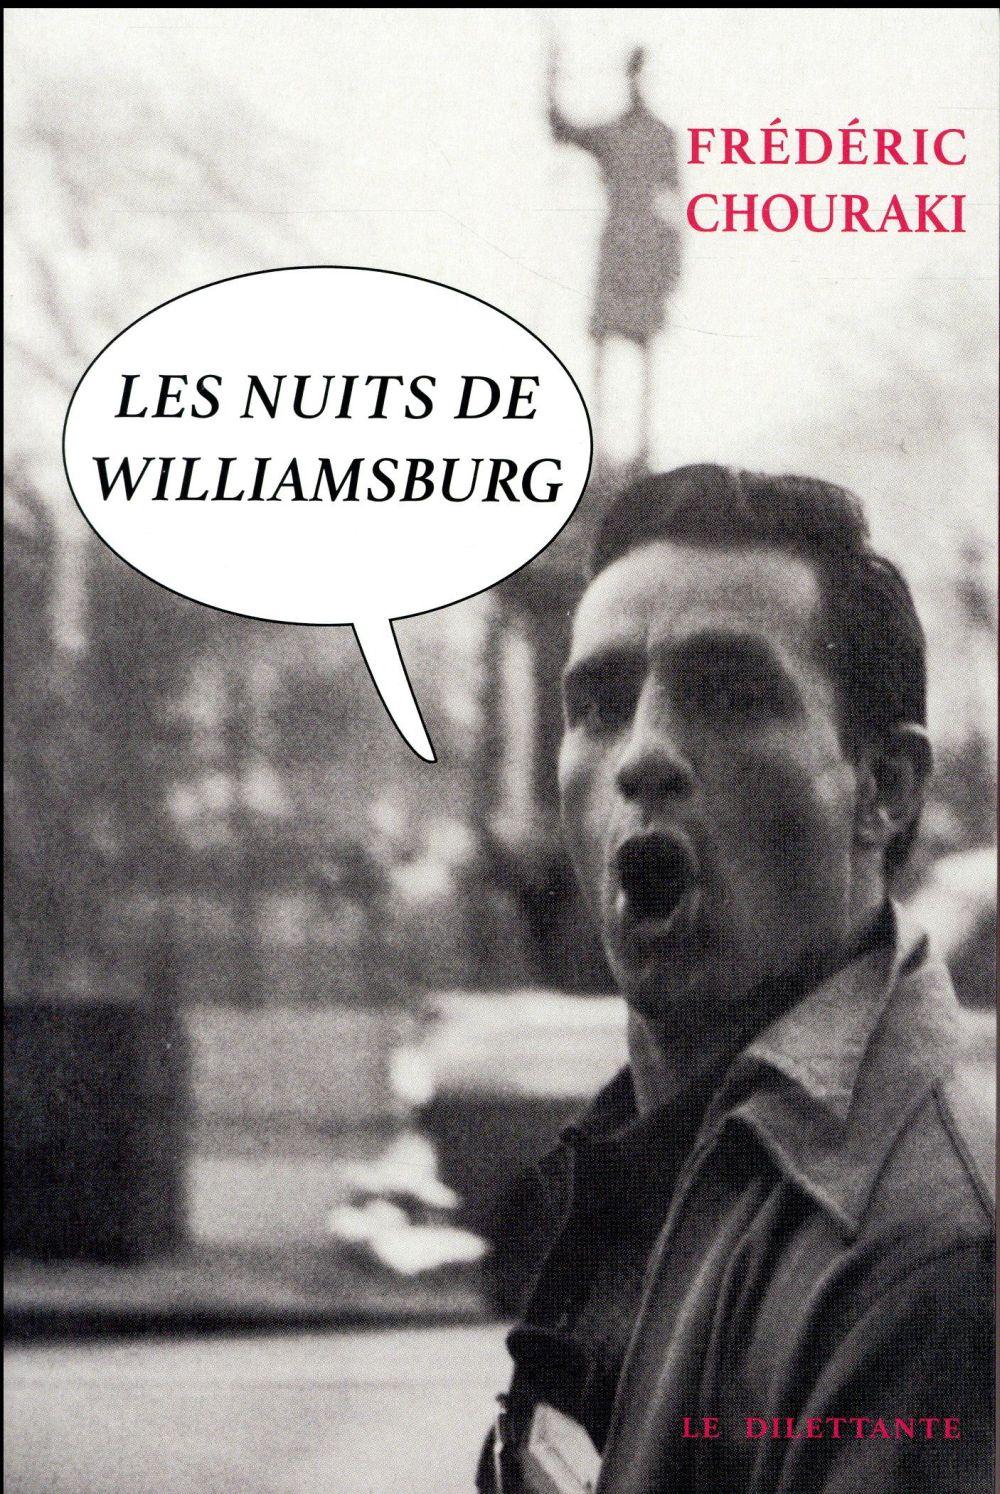 Les nuits de Williamsburg